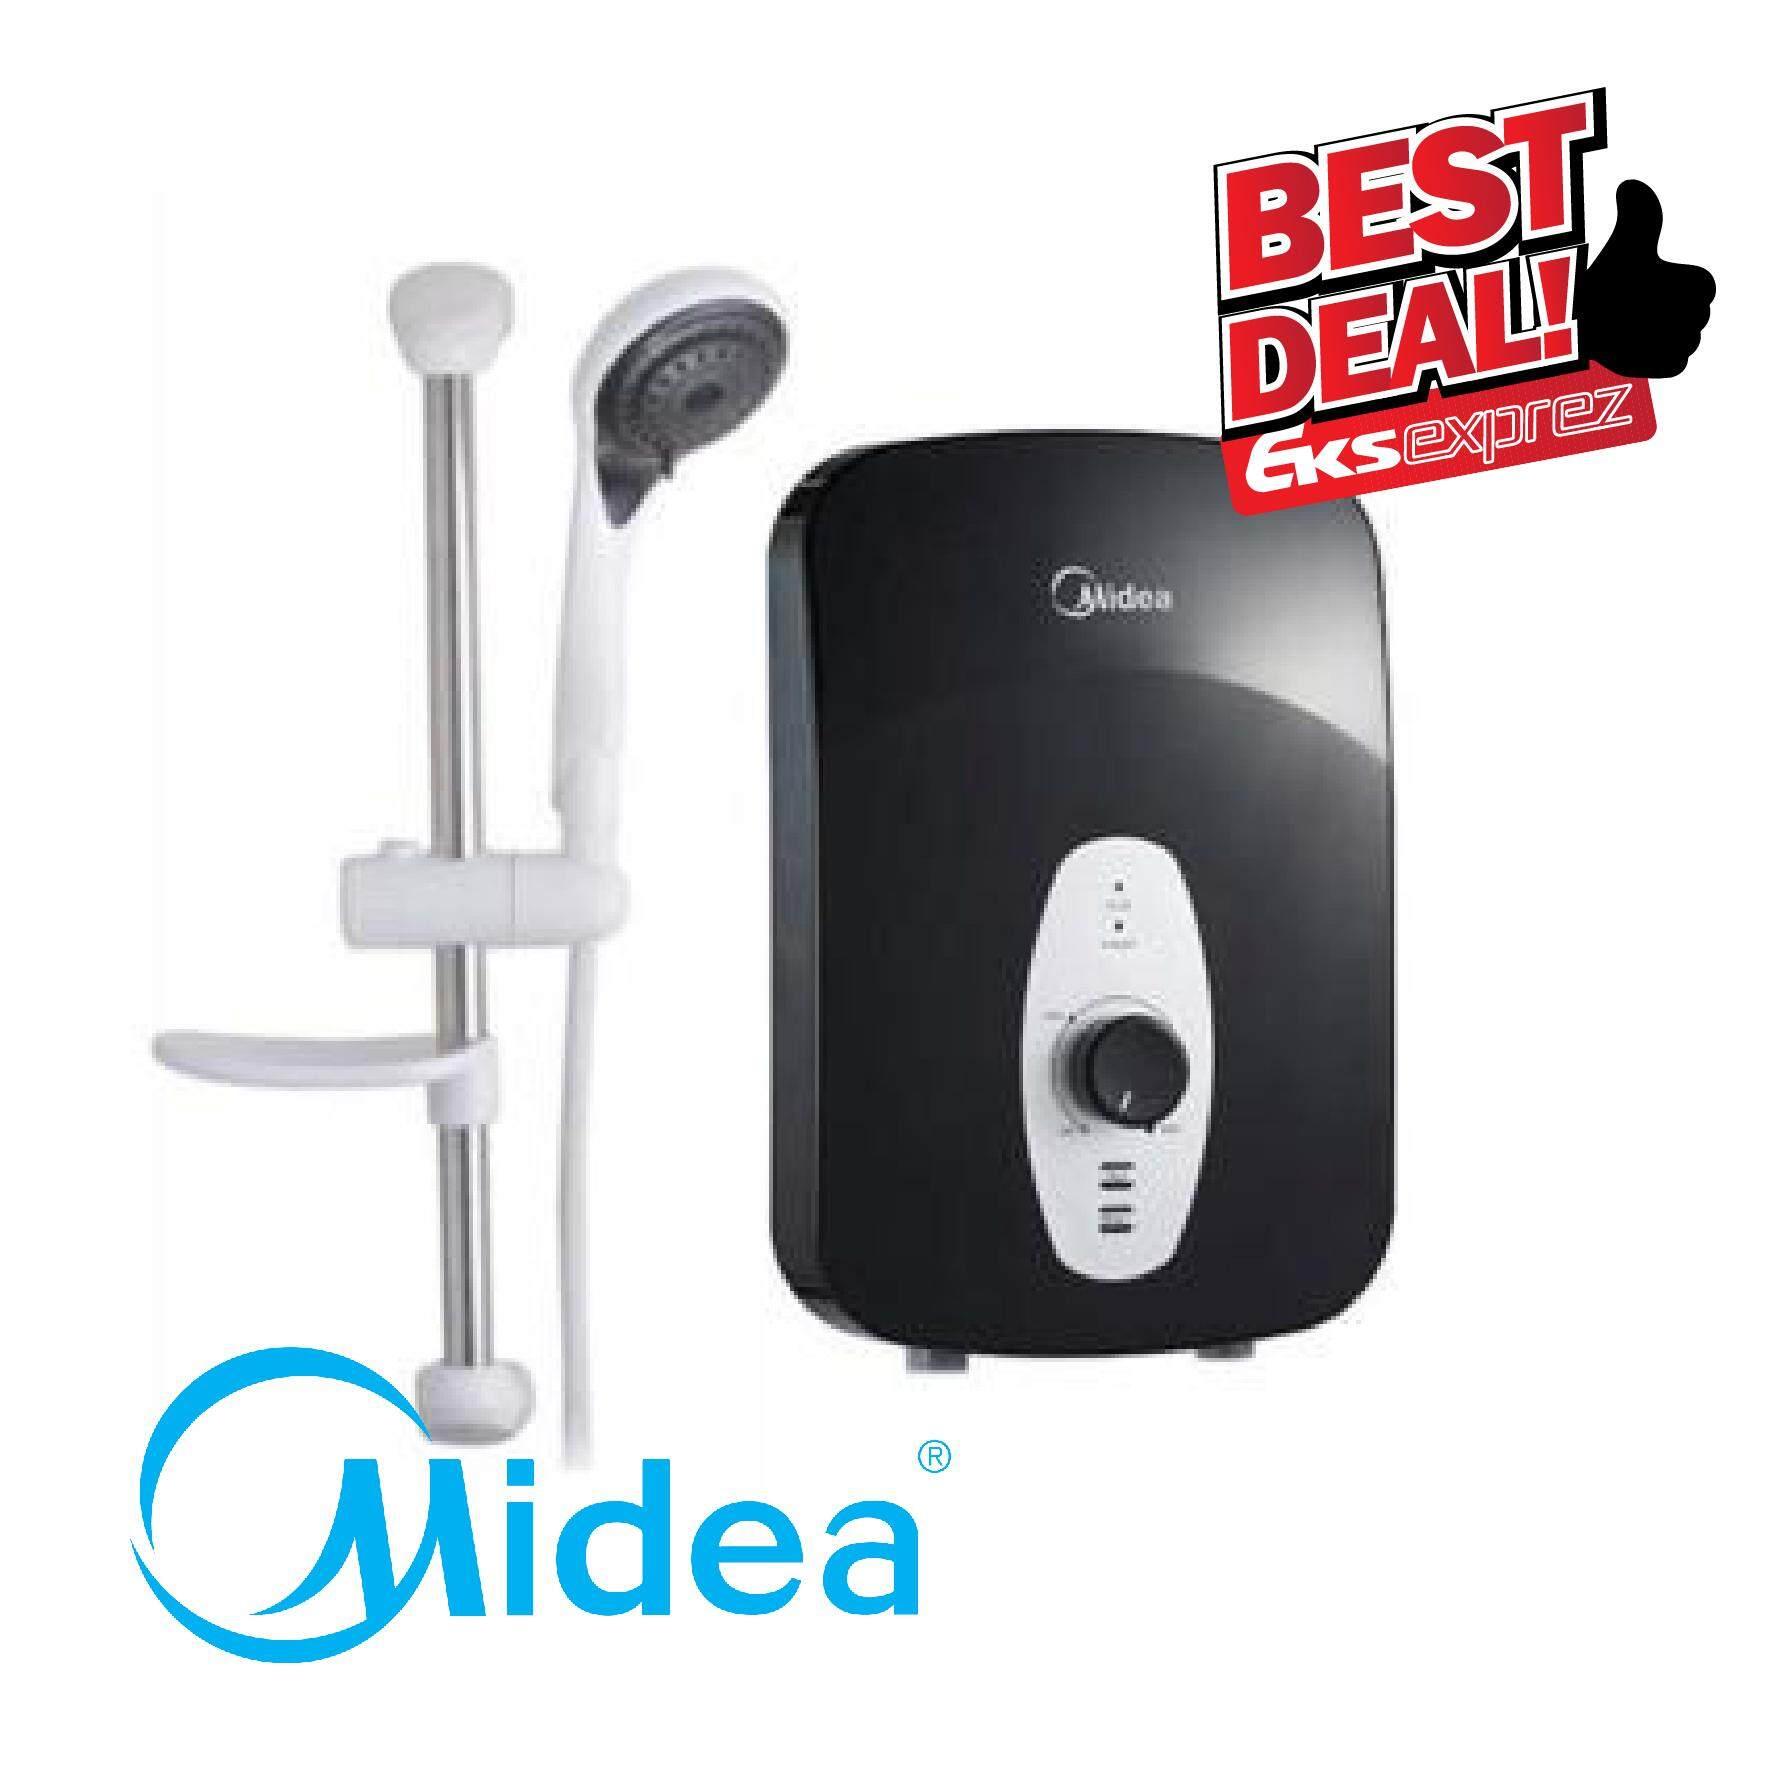 Midea Water Heater (no Pump) 3.8kw - Mwh-38q By Eks Exprez.